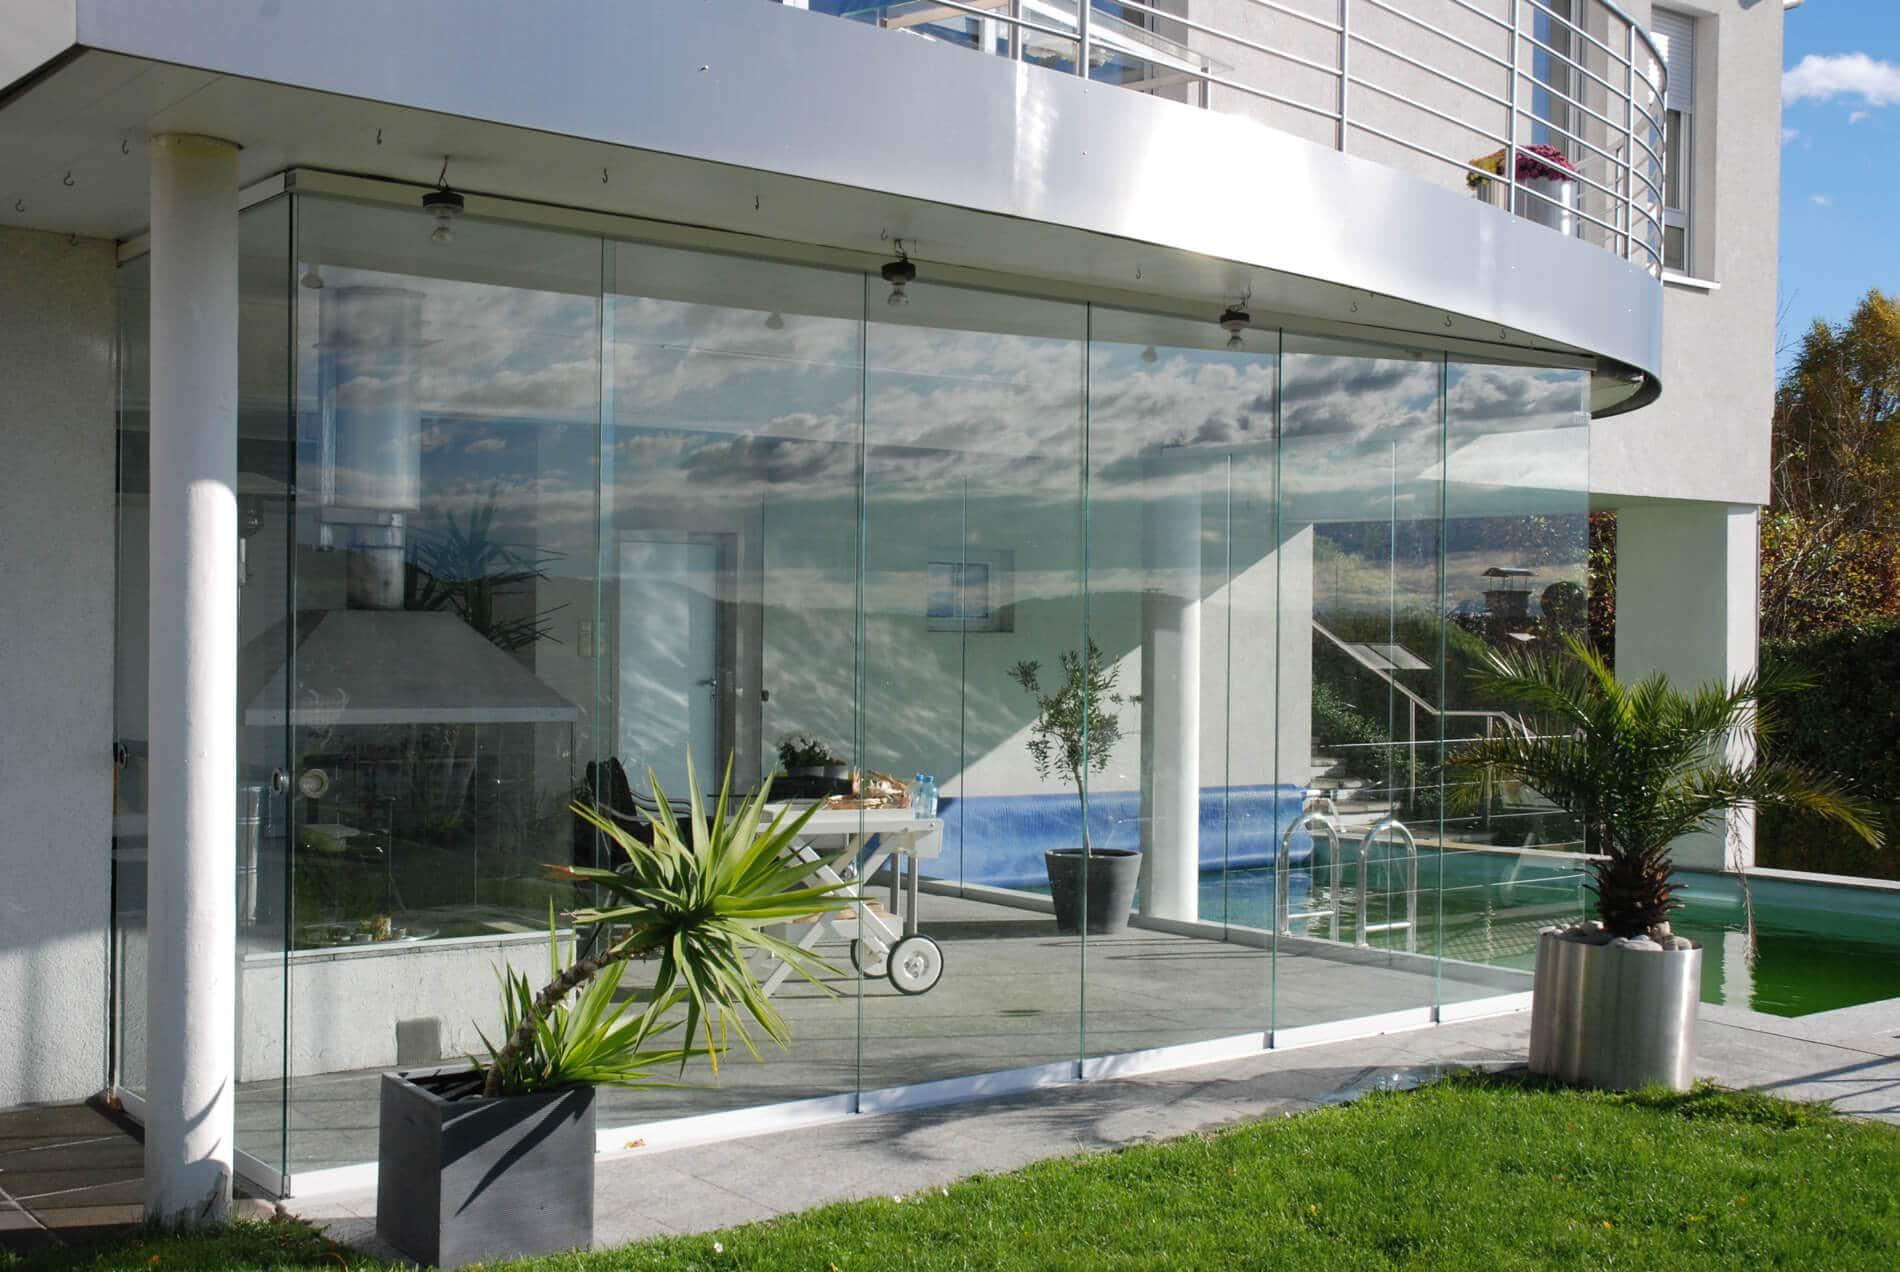 Poolhaus modern mit Glastüren